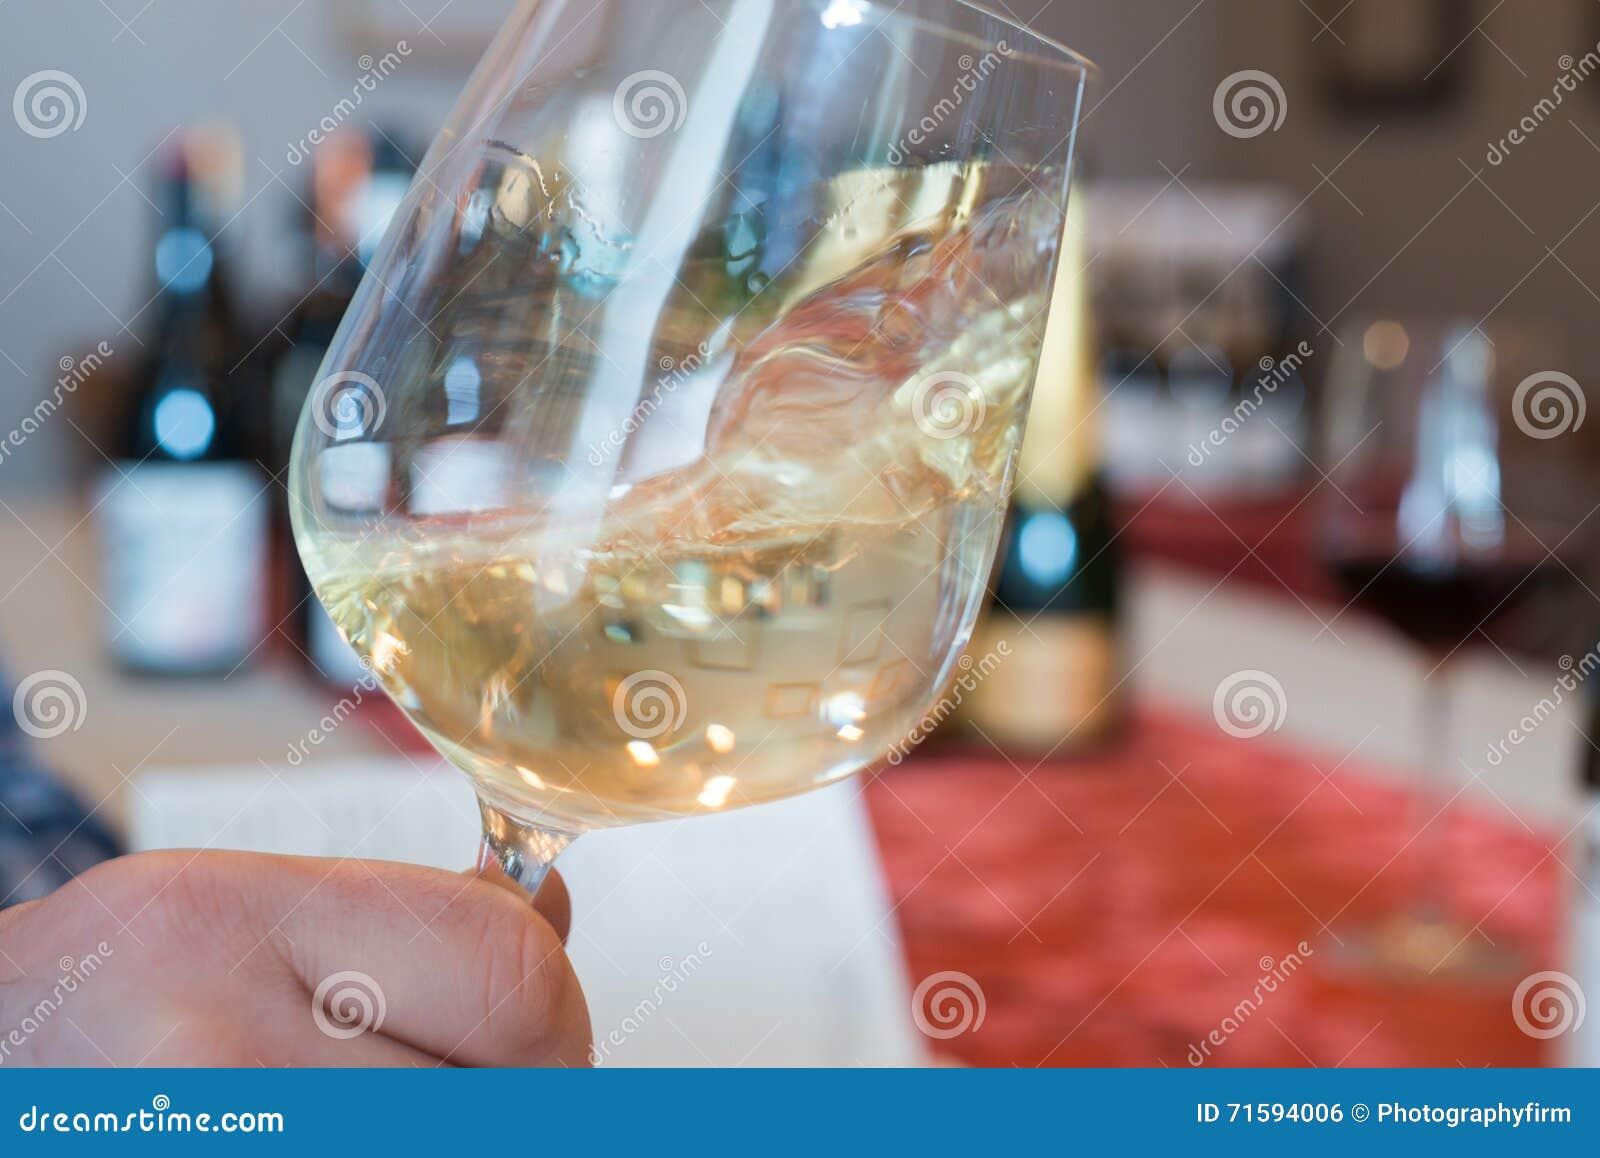 Wirbelndes Weißwein in einem Weinglas